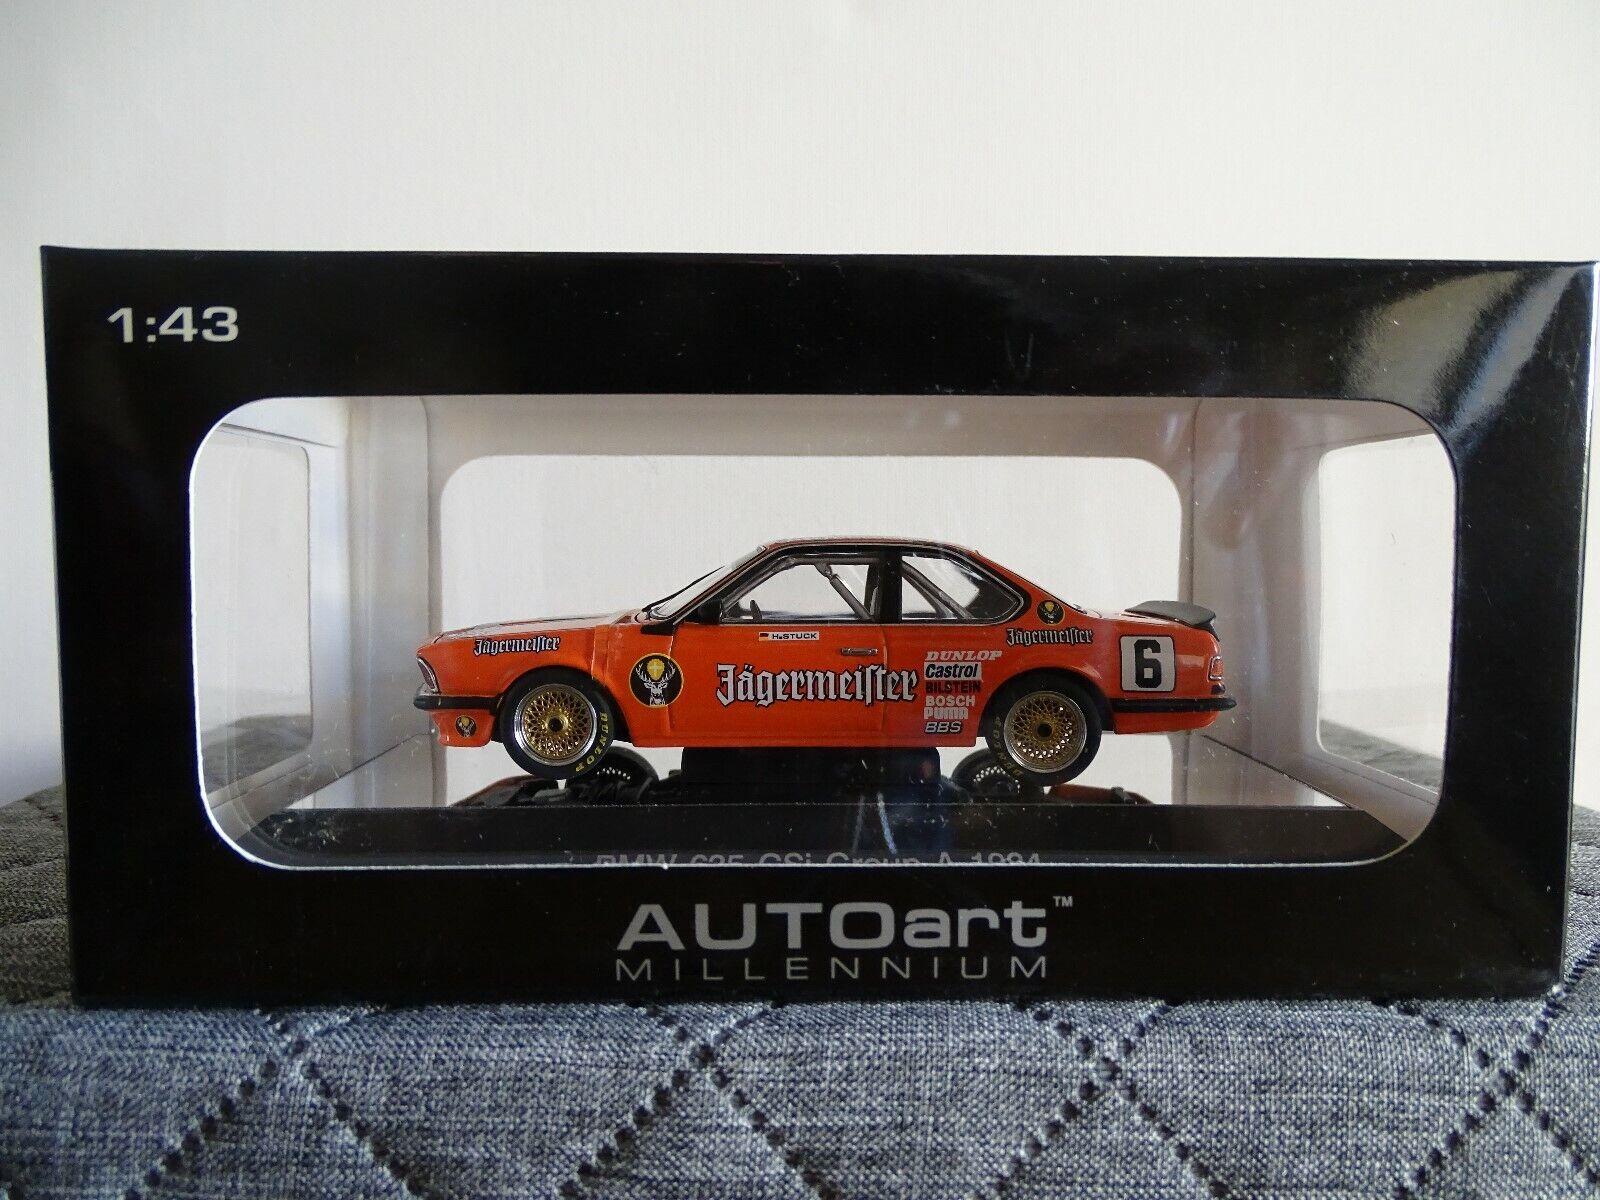 1 43 Autoart Millennium  68446 BMW 635 Csi Group A racing 1984  6 Jagermeister